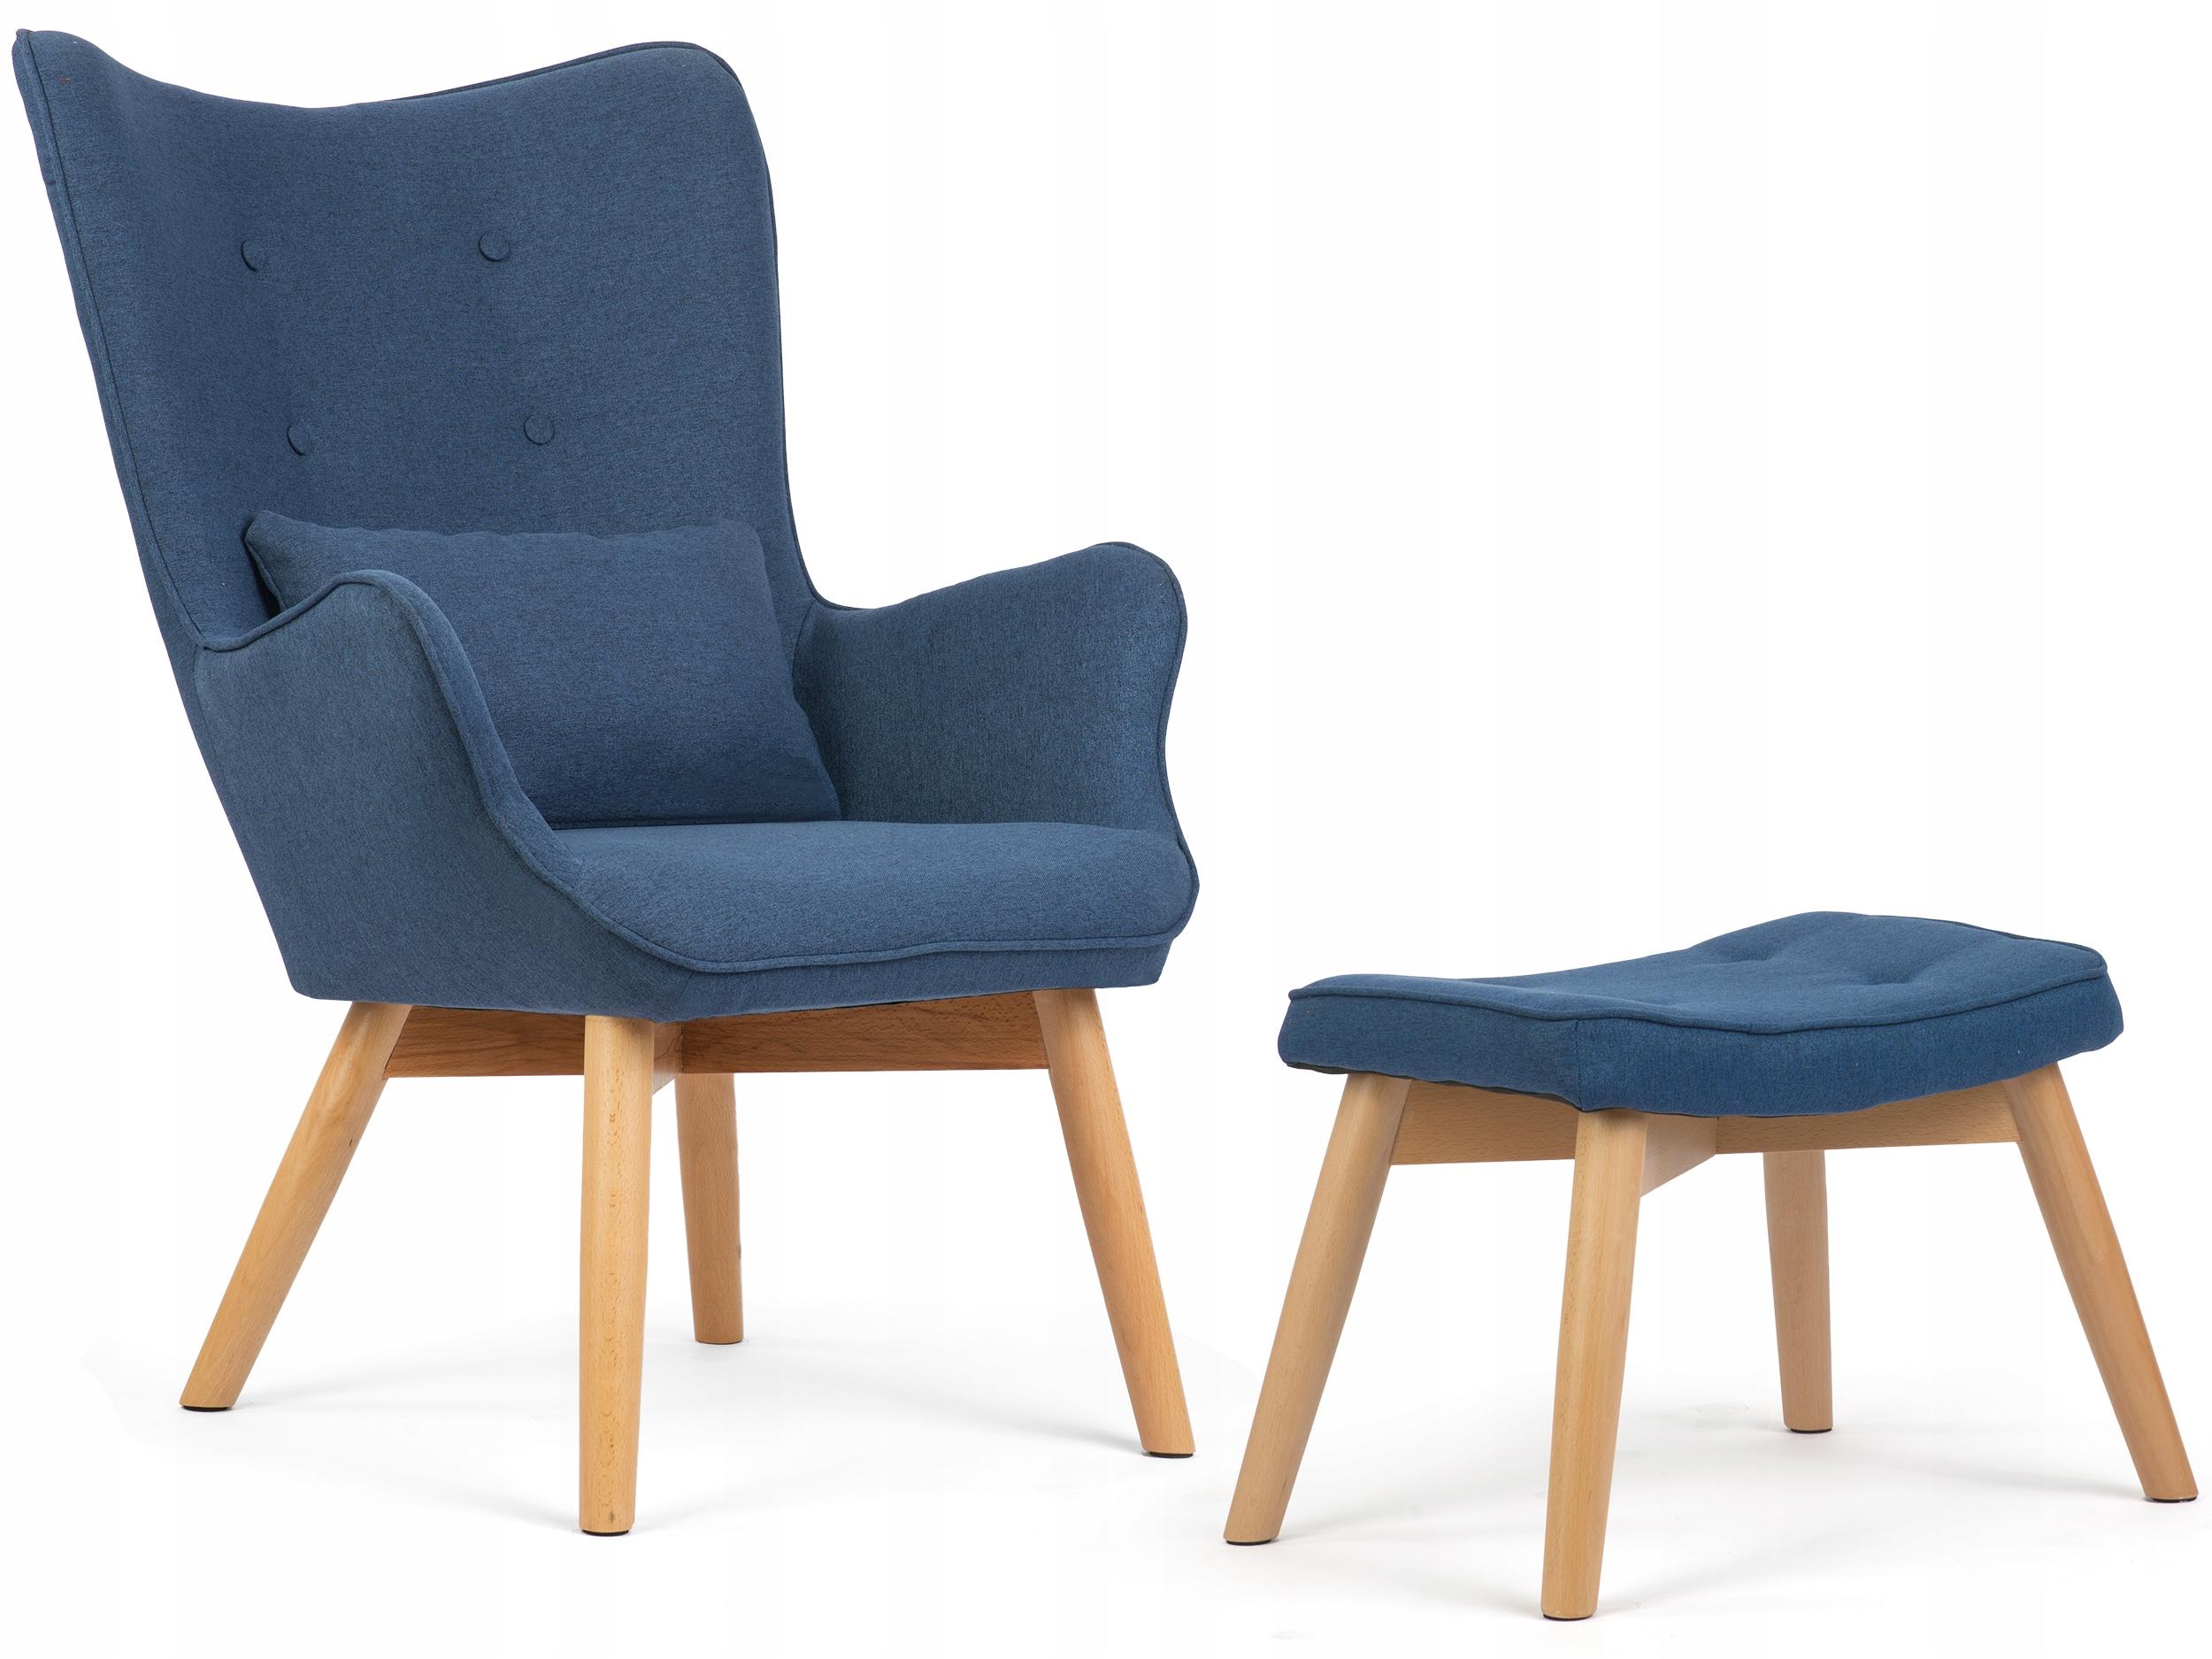 Fotel USZAK styl skandynawski + podnóżek poduszka Szerokość mebla 70 cm